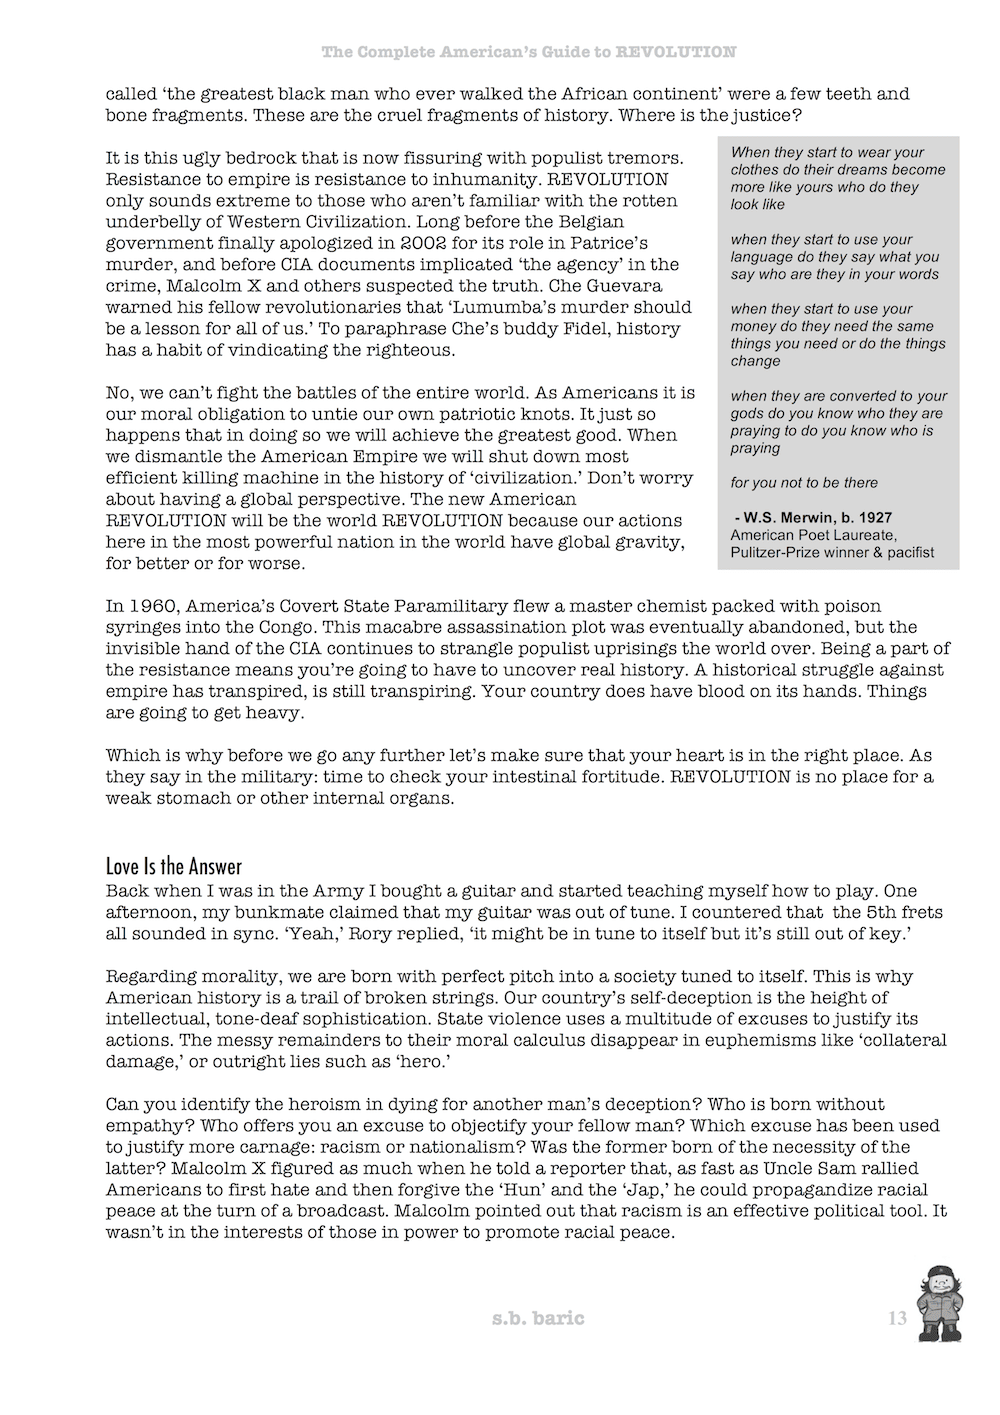 CAGR Ch 1 pg 14